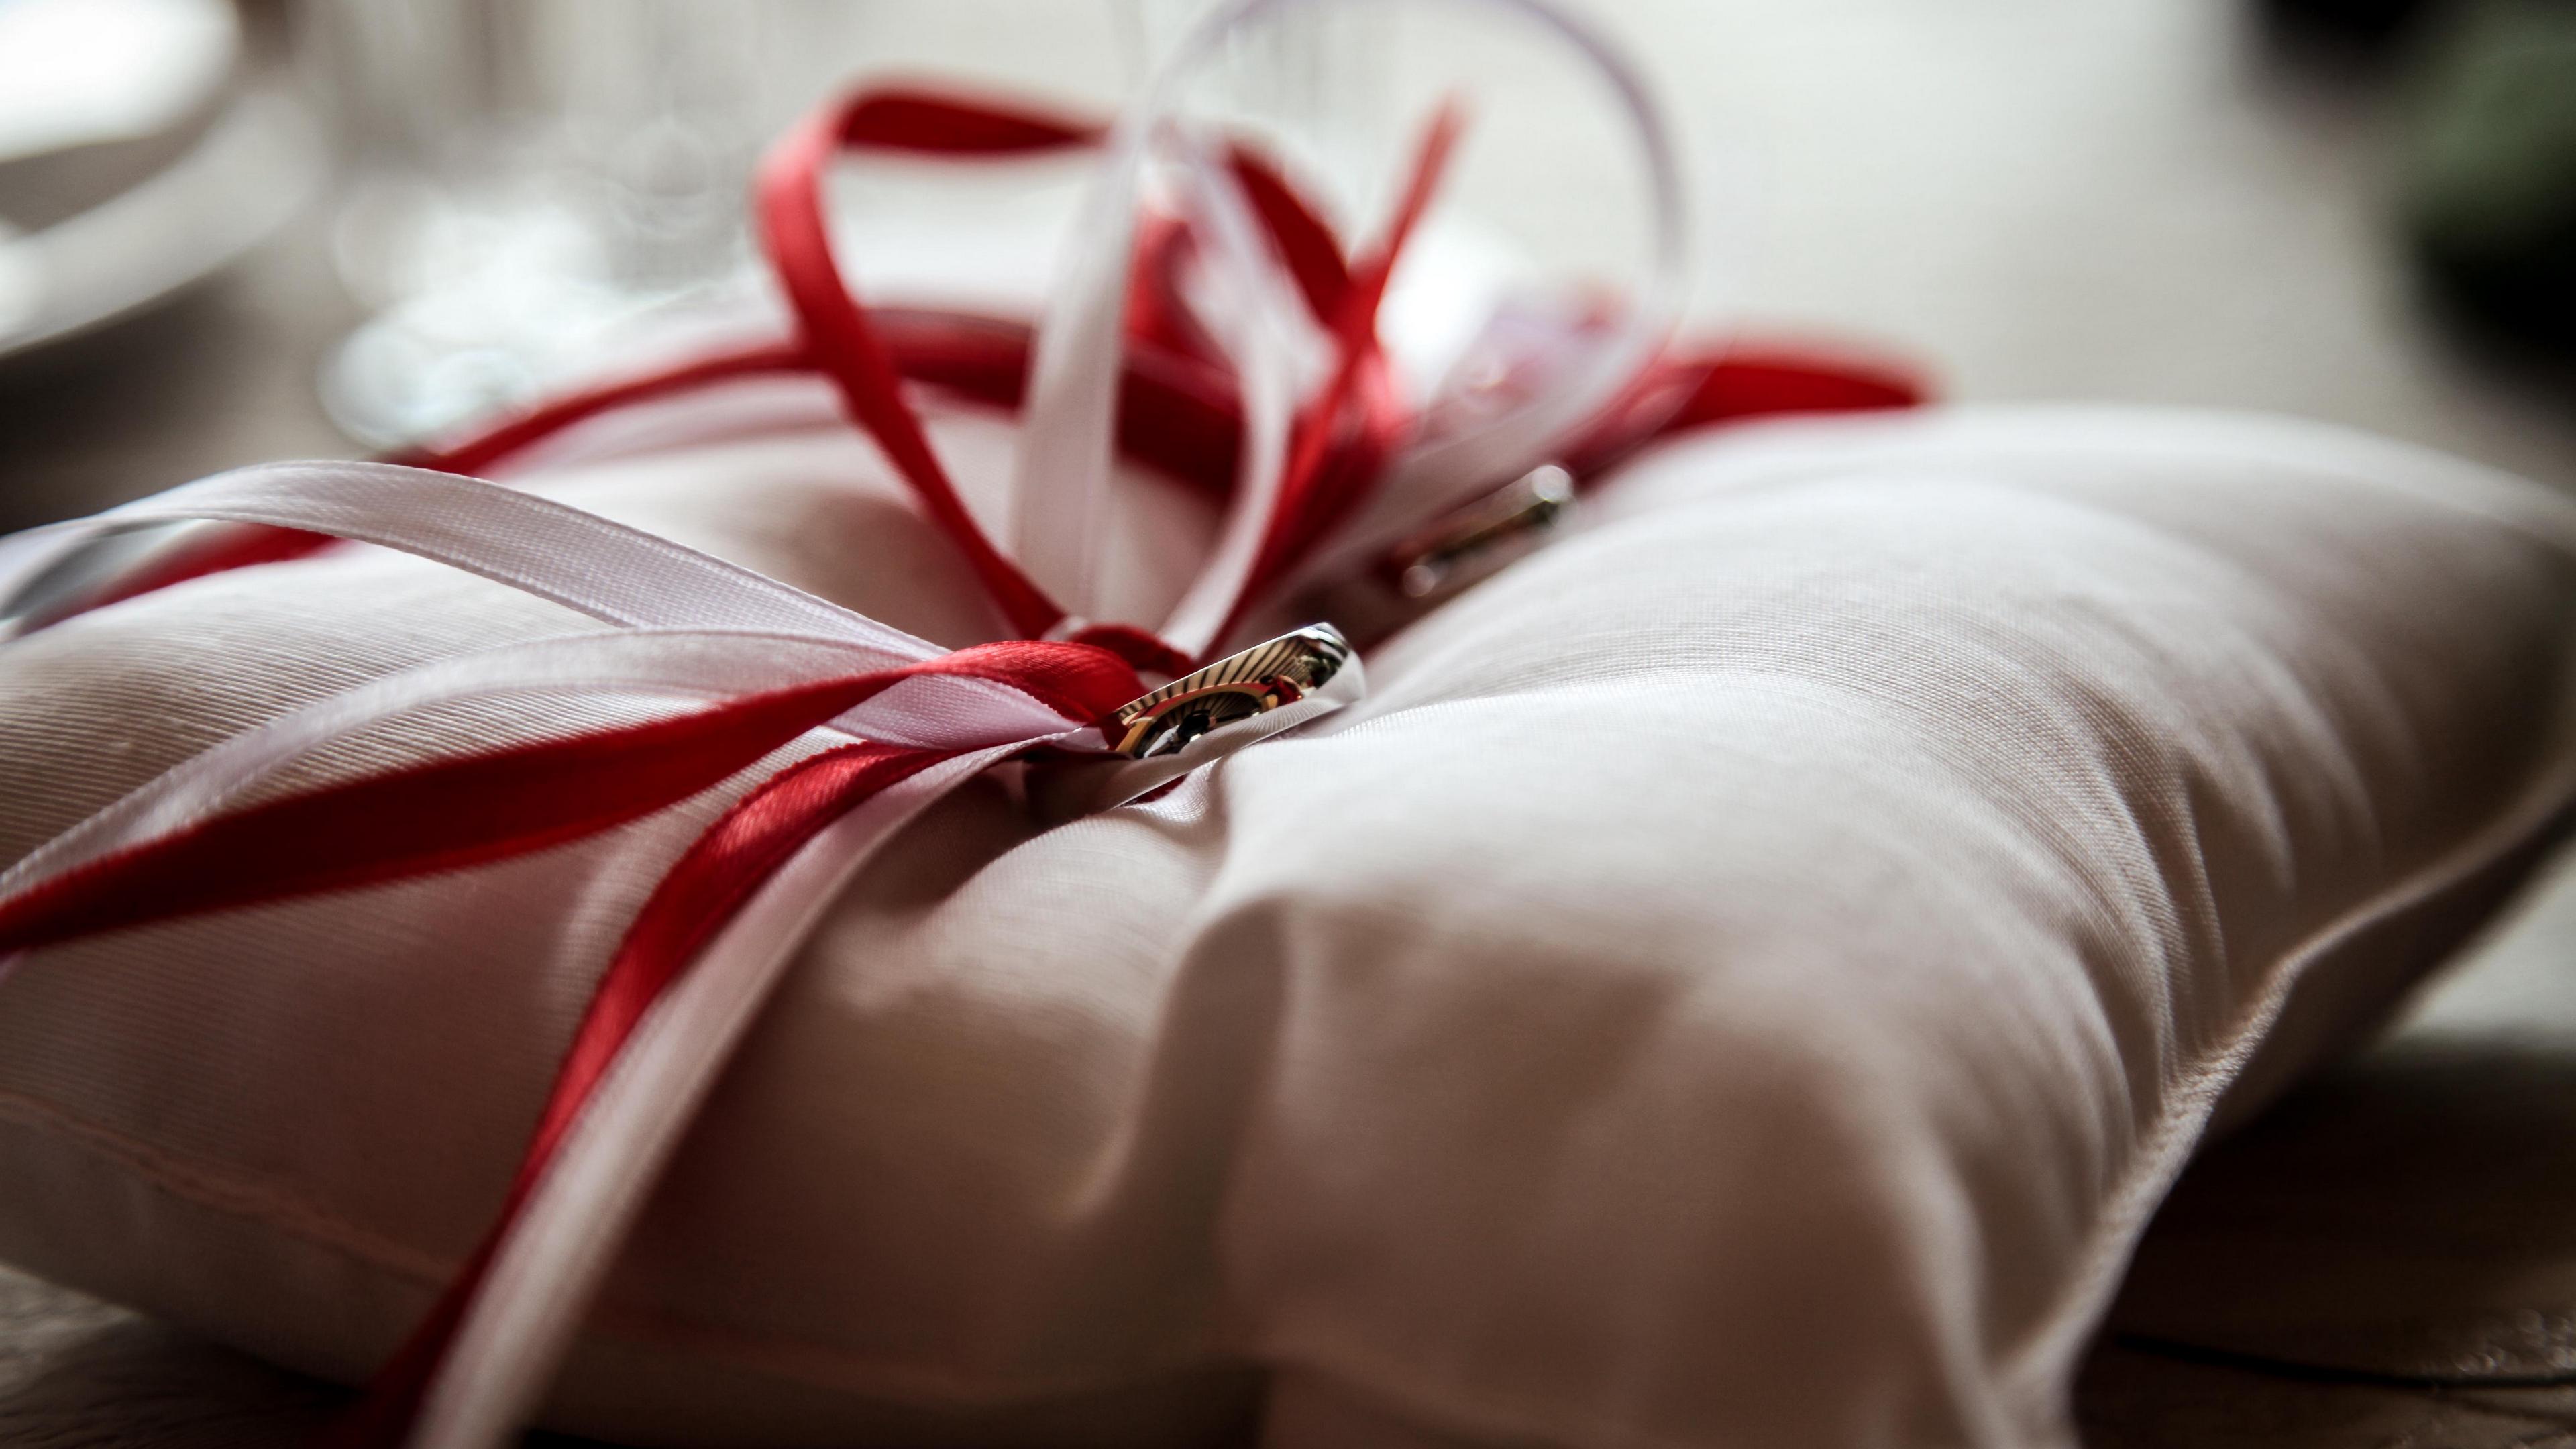 rings wedding bands pillow 4k 1538344775 - rings, wedding, bands, pillow 4k - Wedding, Rings, bands